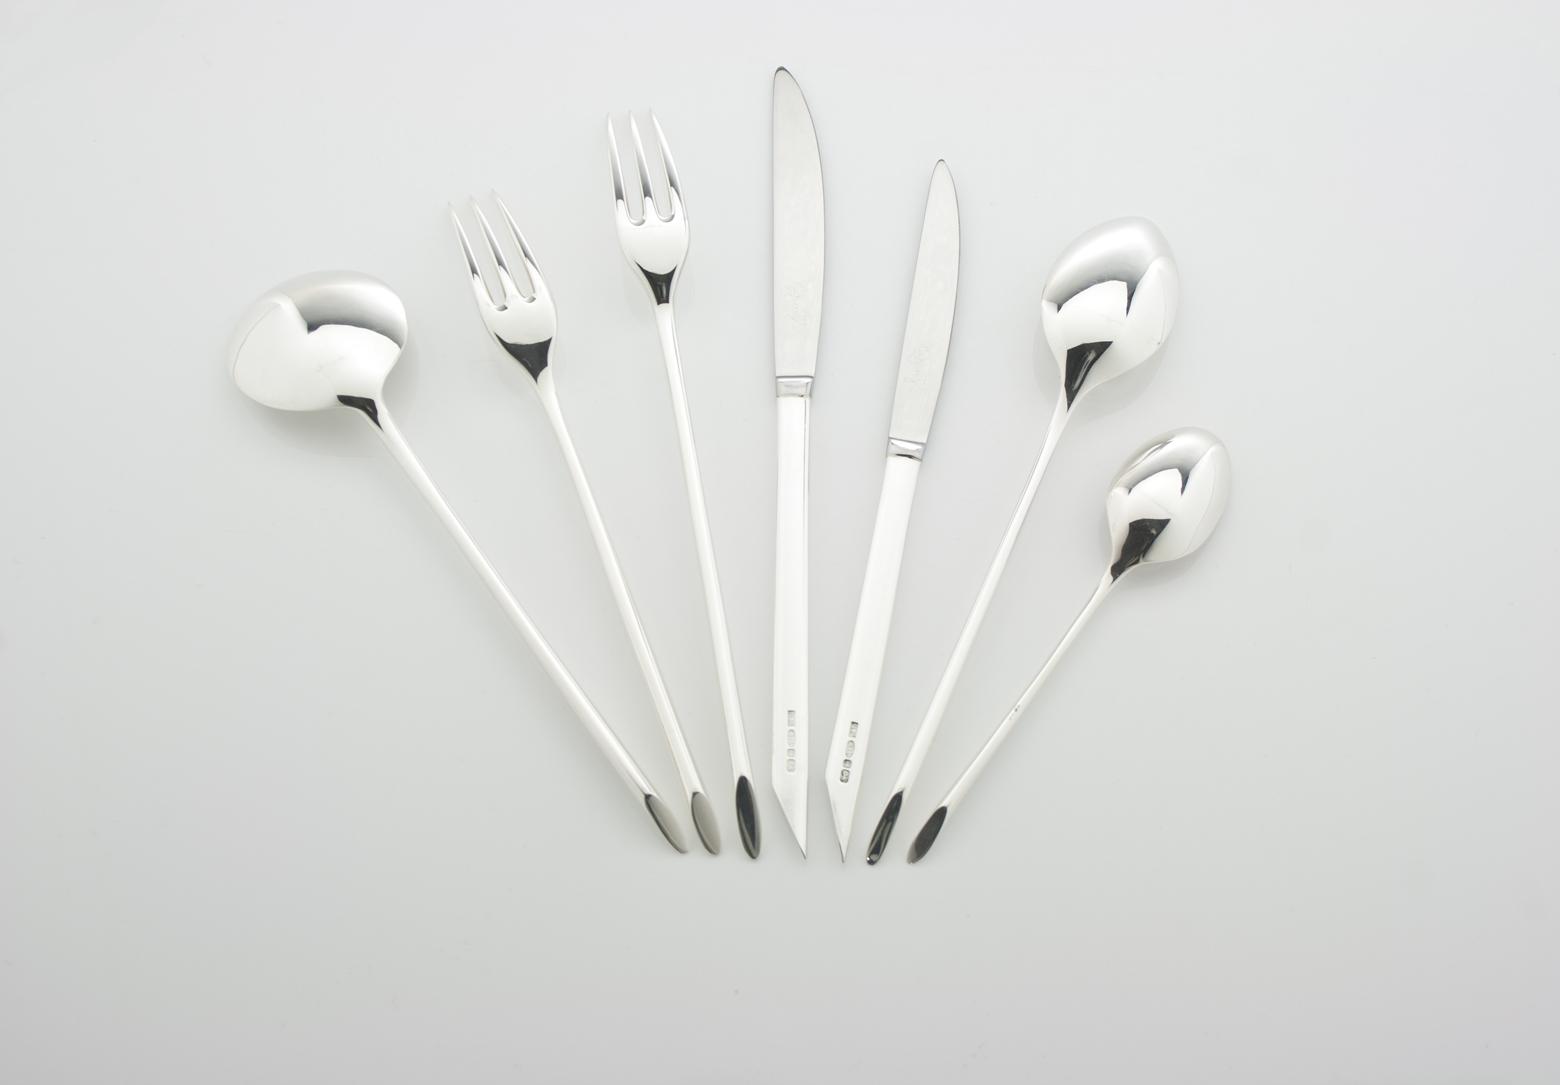 Apollo Cutlery